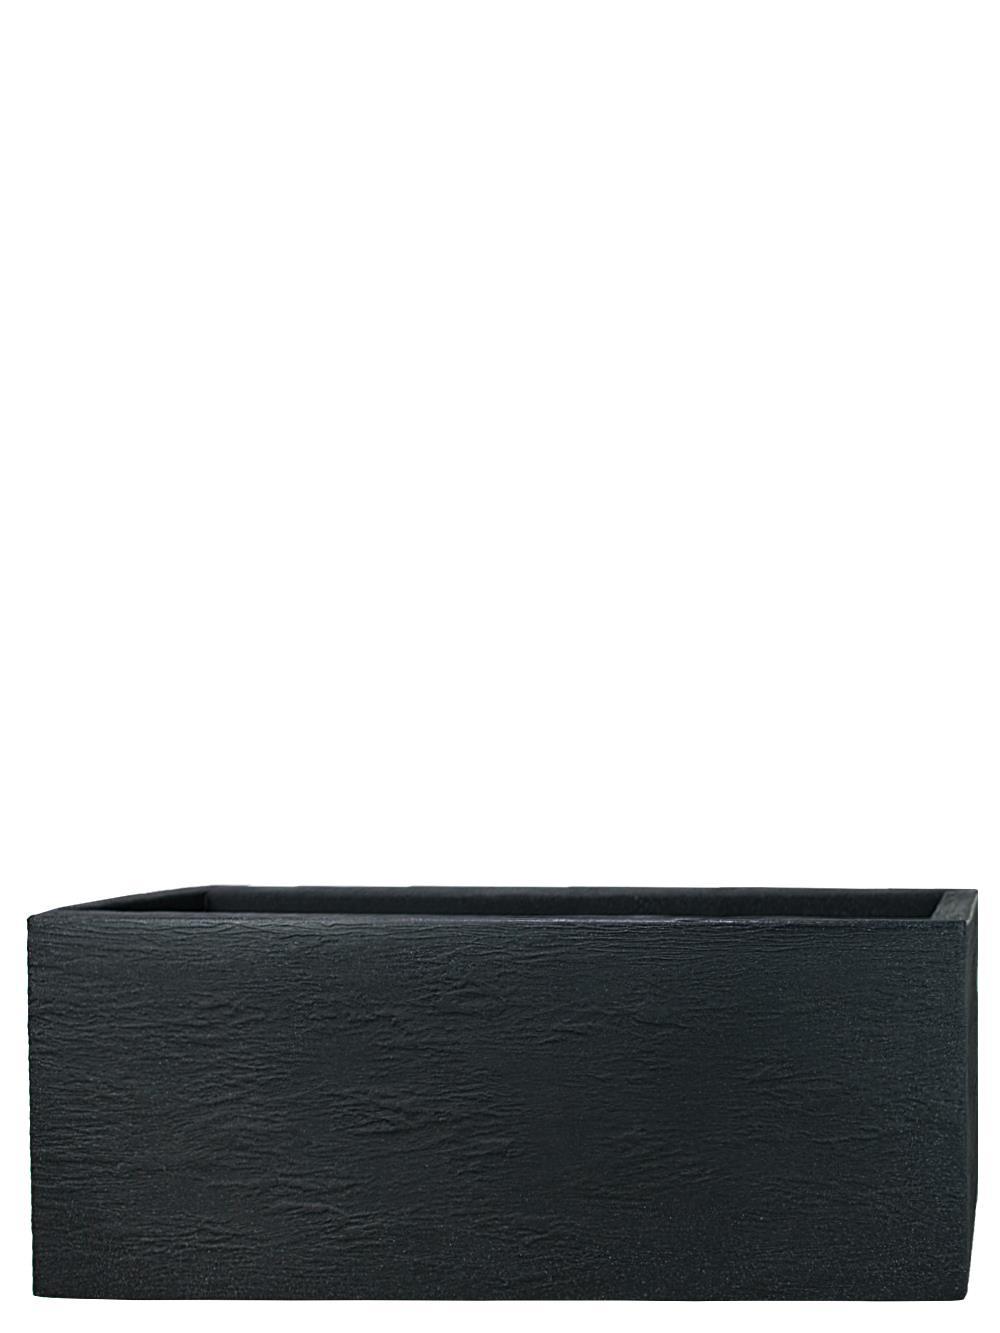 pflanzwerk kunststoff pflanzk bel design blumenk bel. Black Bedroom Furniture Sets. Home Design Ideas